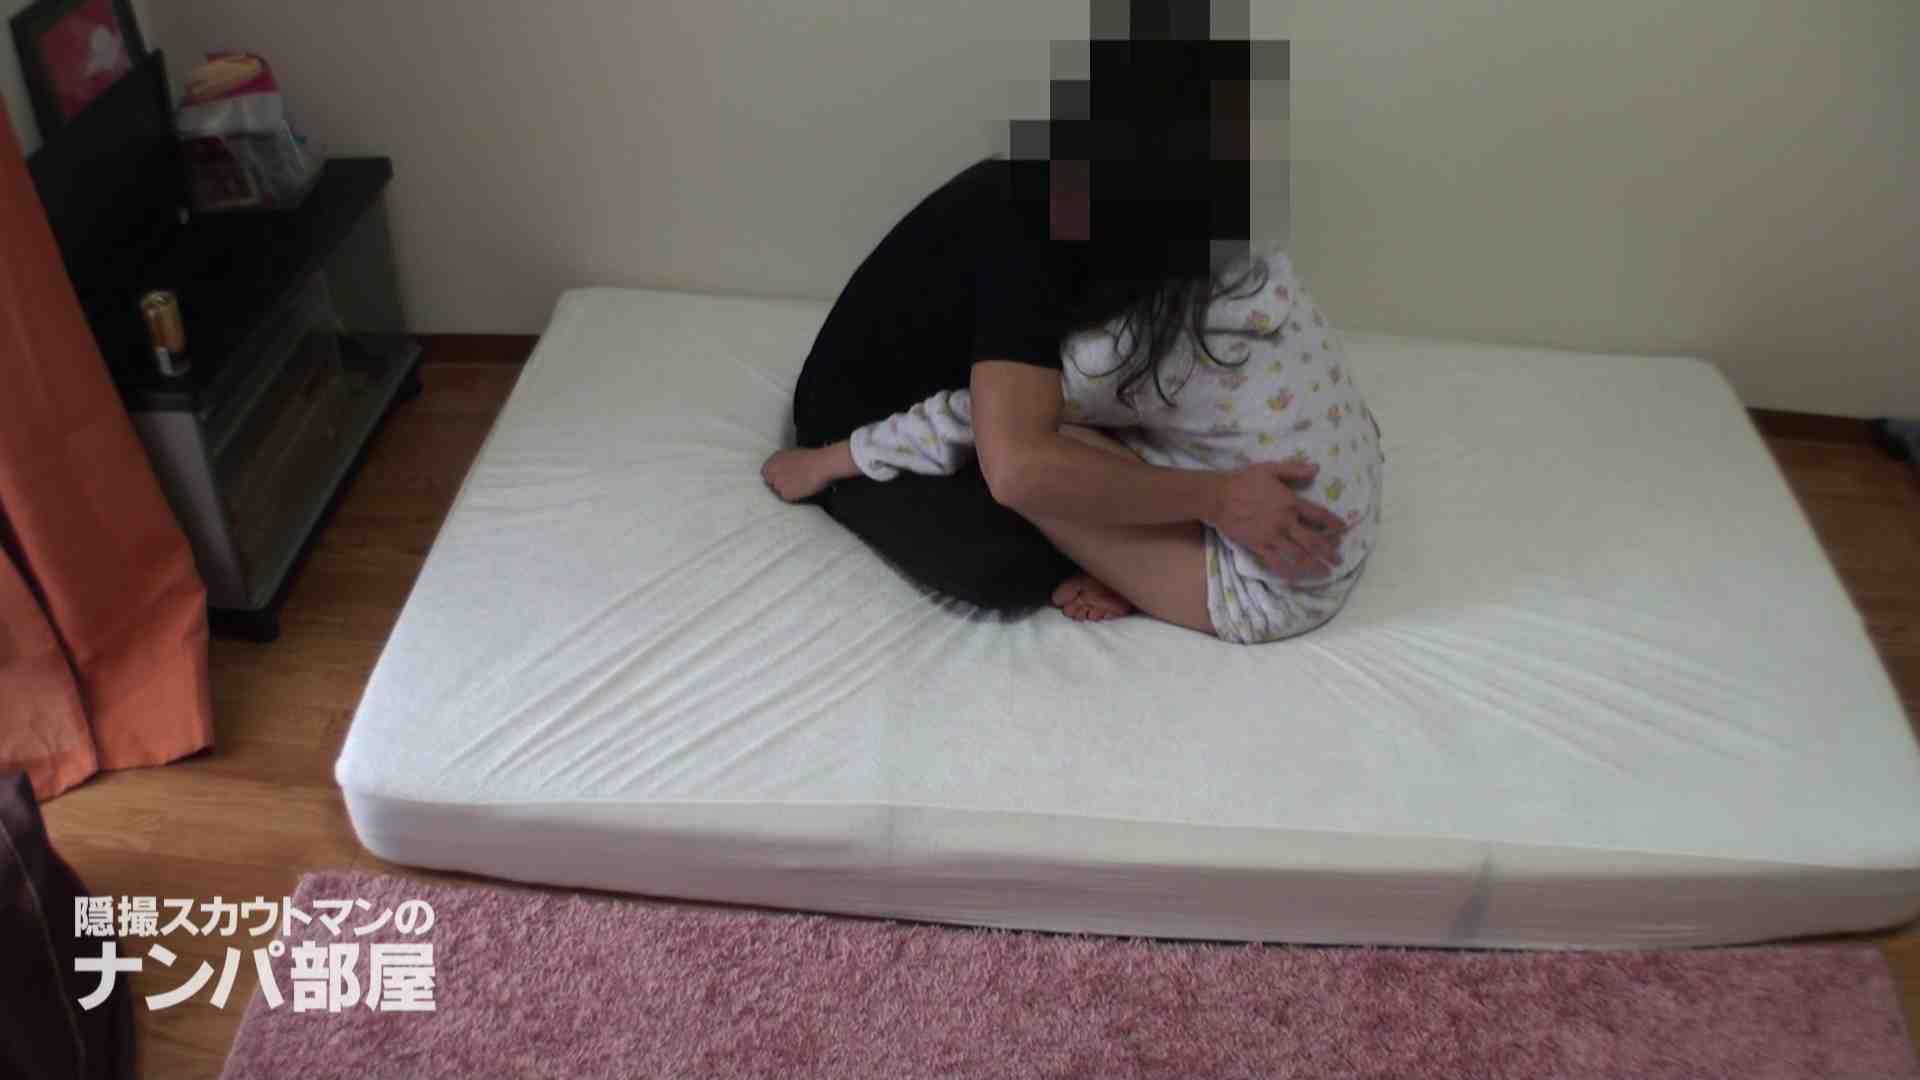 隠撮スカウトマンのナンパ部屋~風俗デビュー前のつまみ食い~hanavol.3 脱衣所   隠撮  100pic 66